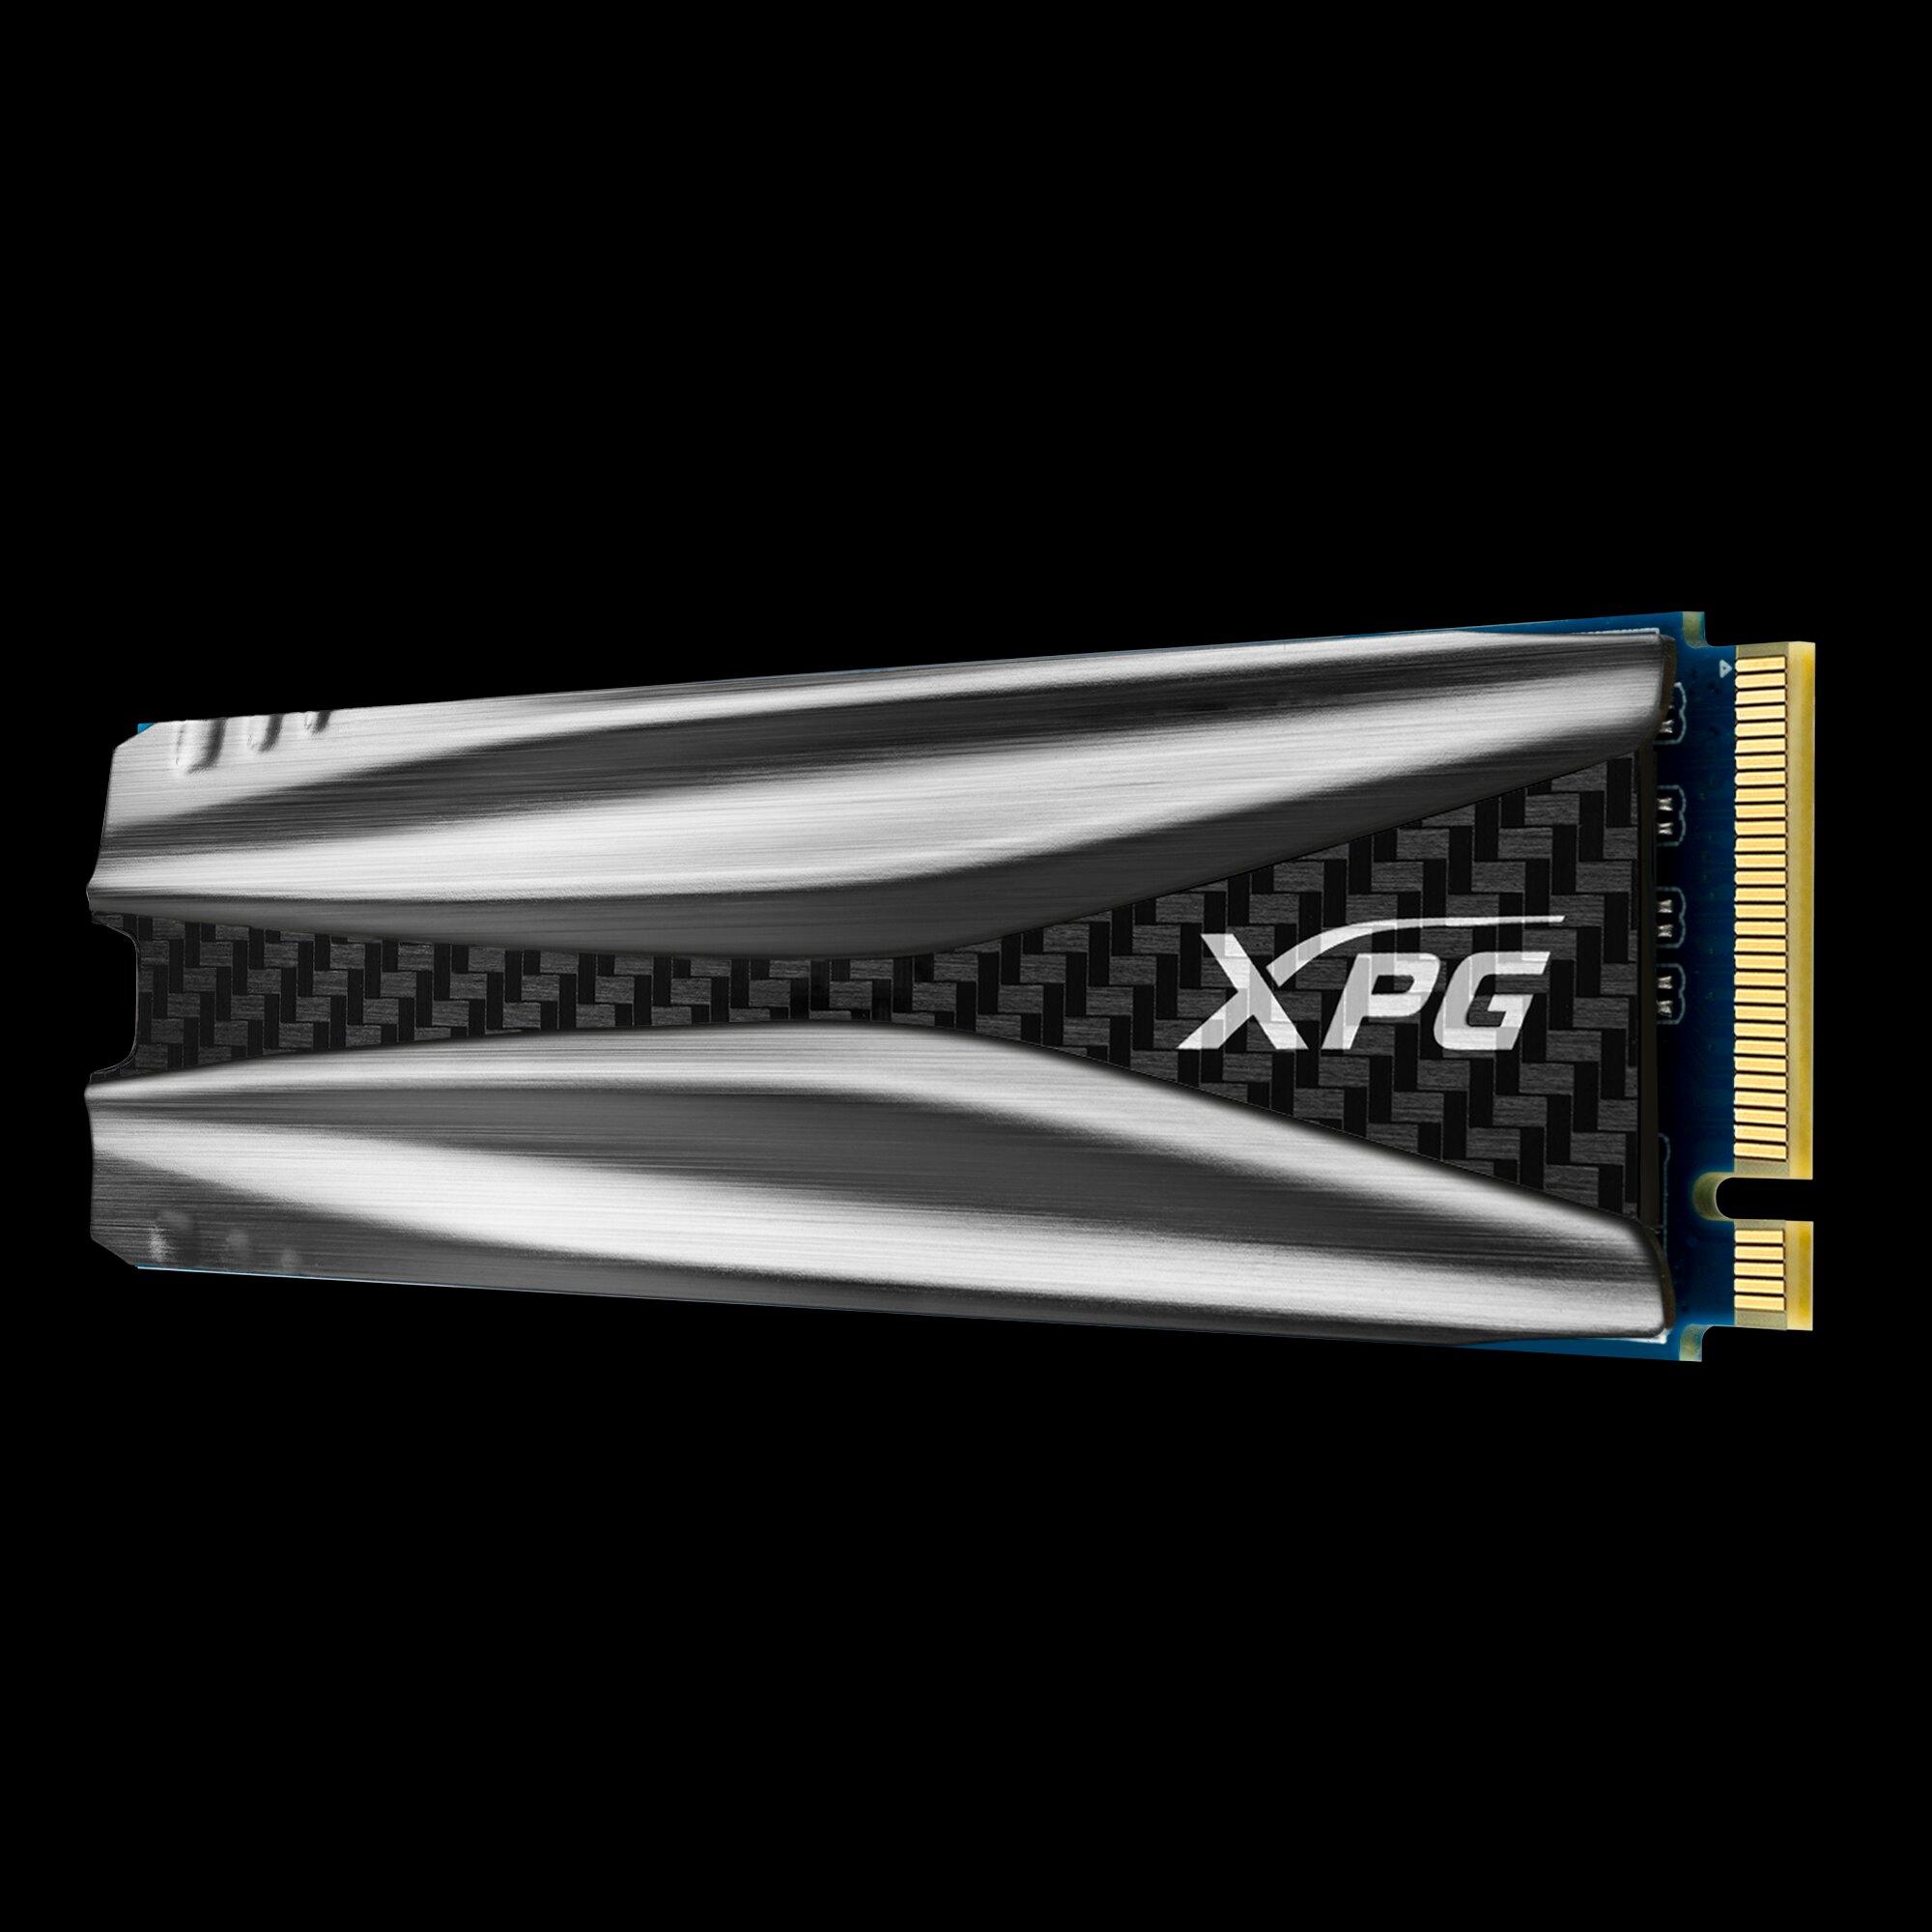 ADATA XPG Gammix S50 M.2 2280 1TB PCI-Express 4.0 x4 3D TLC internal Solid State Srive $195.99 + FS $196